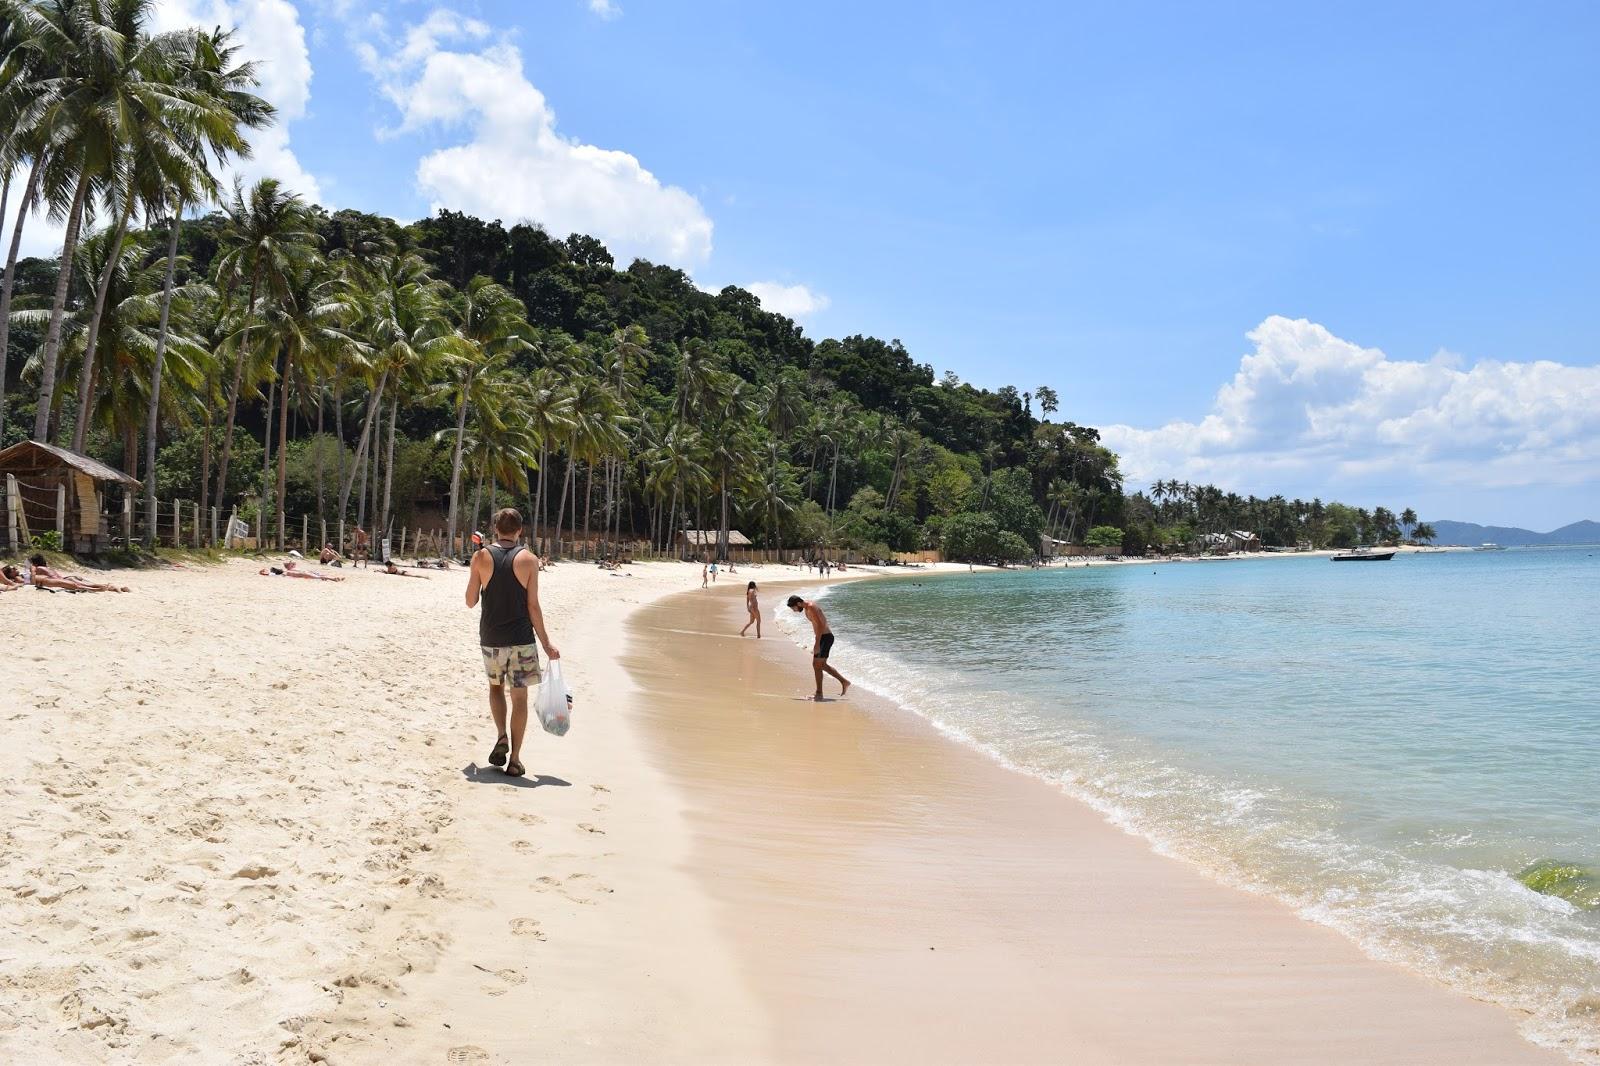 Las Cabanas Beach El Nido - A Complete Guide To Visiting